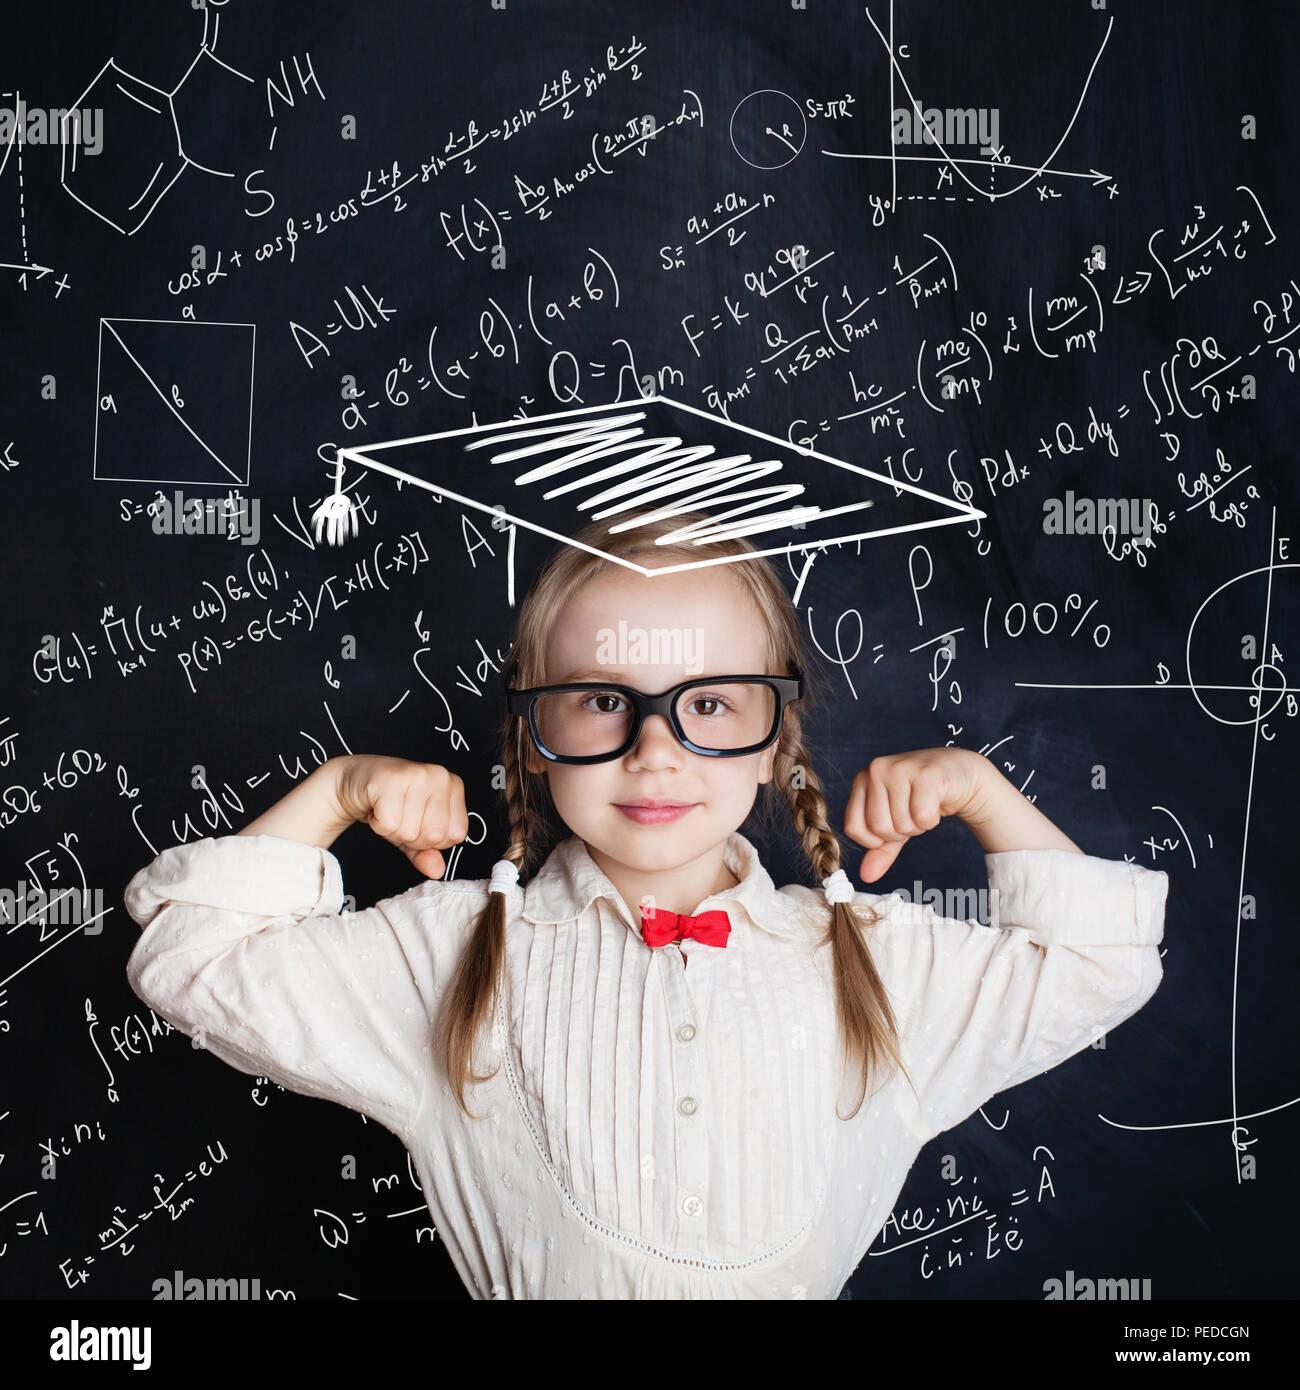 Kleines Genie weibliches Kind an Hand von Zeichnungen mathematische Wissenschaft Formel Muster. Kinder mathematische Bildung Konzept Stockbild